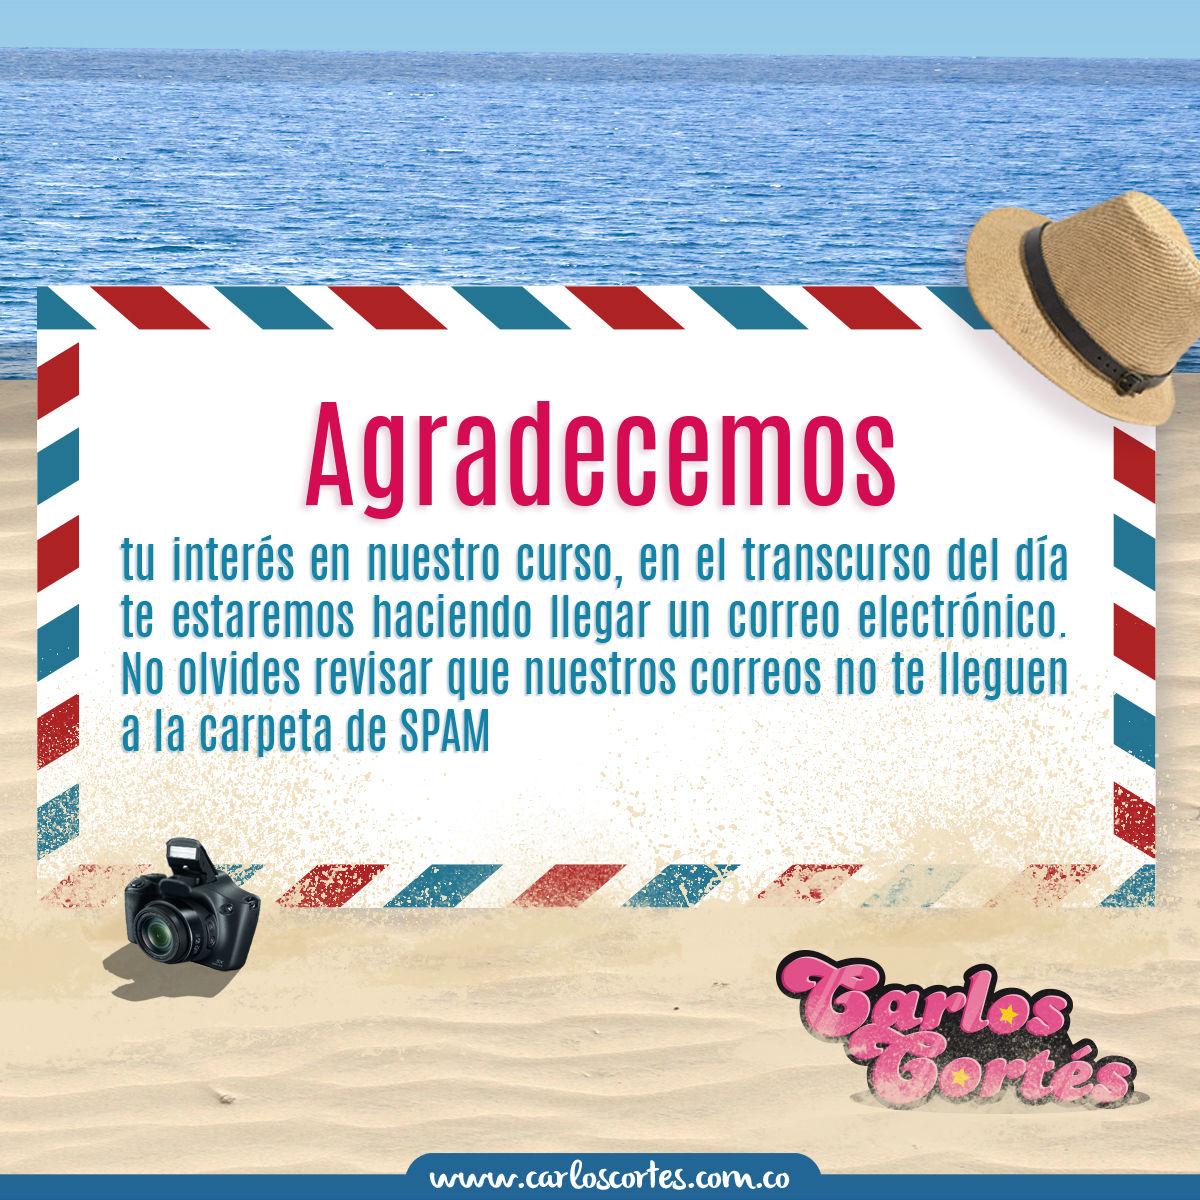 gracias-turismo-social-media-carlos-cortes-community-managers